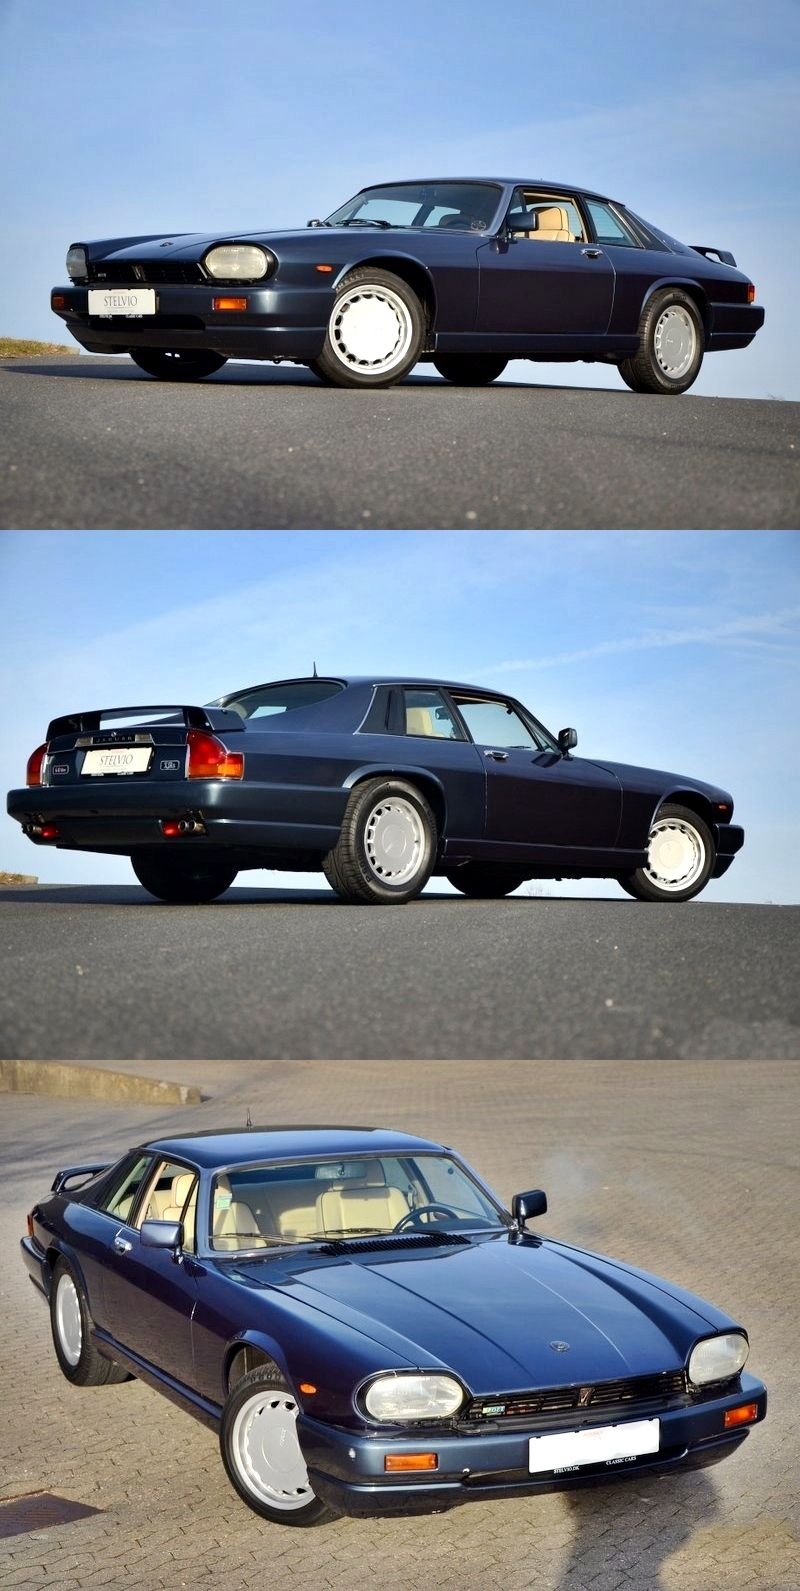 1990 Jaguar XJ12 XJR-S 6.0 TWR Sport (With images)   Jaguar xj12, Jaguar, Dream cars